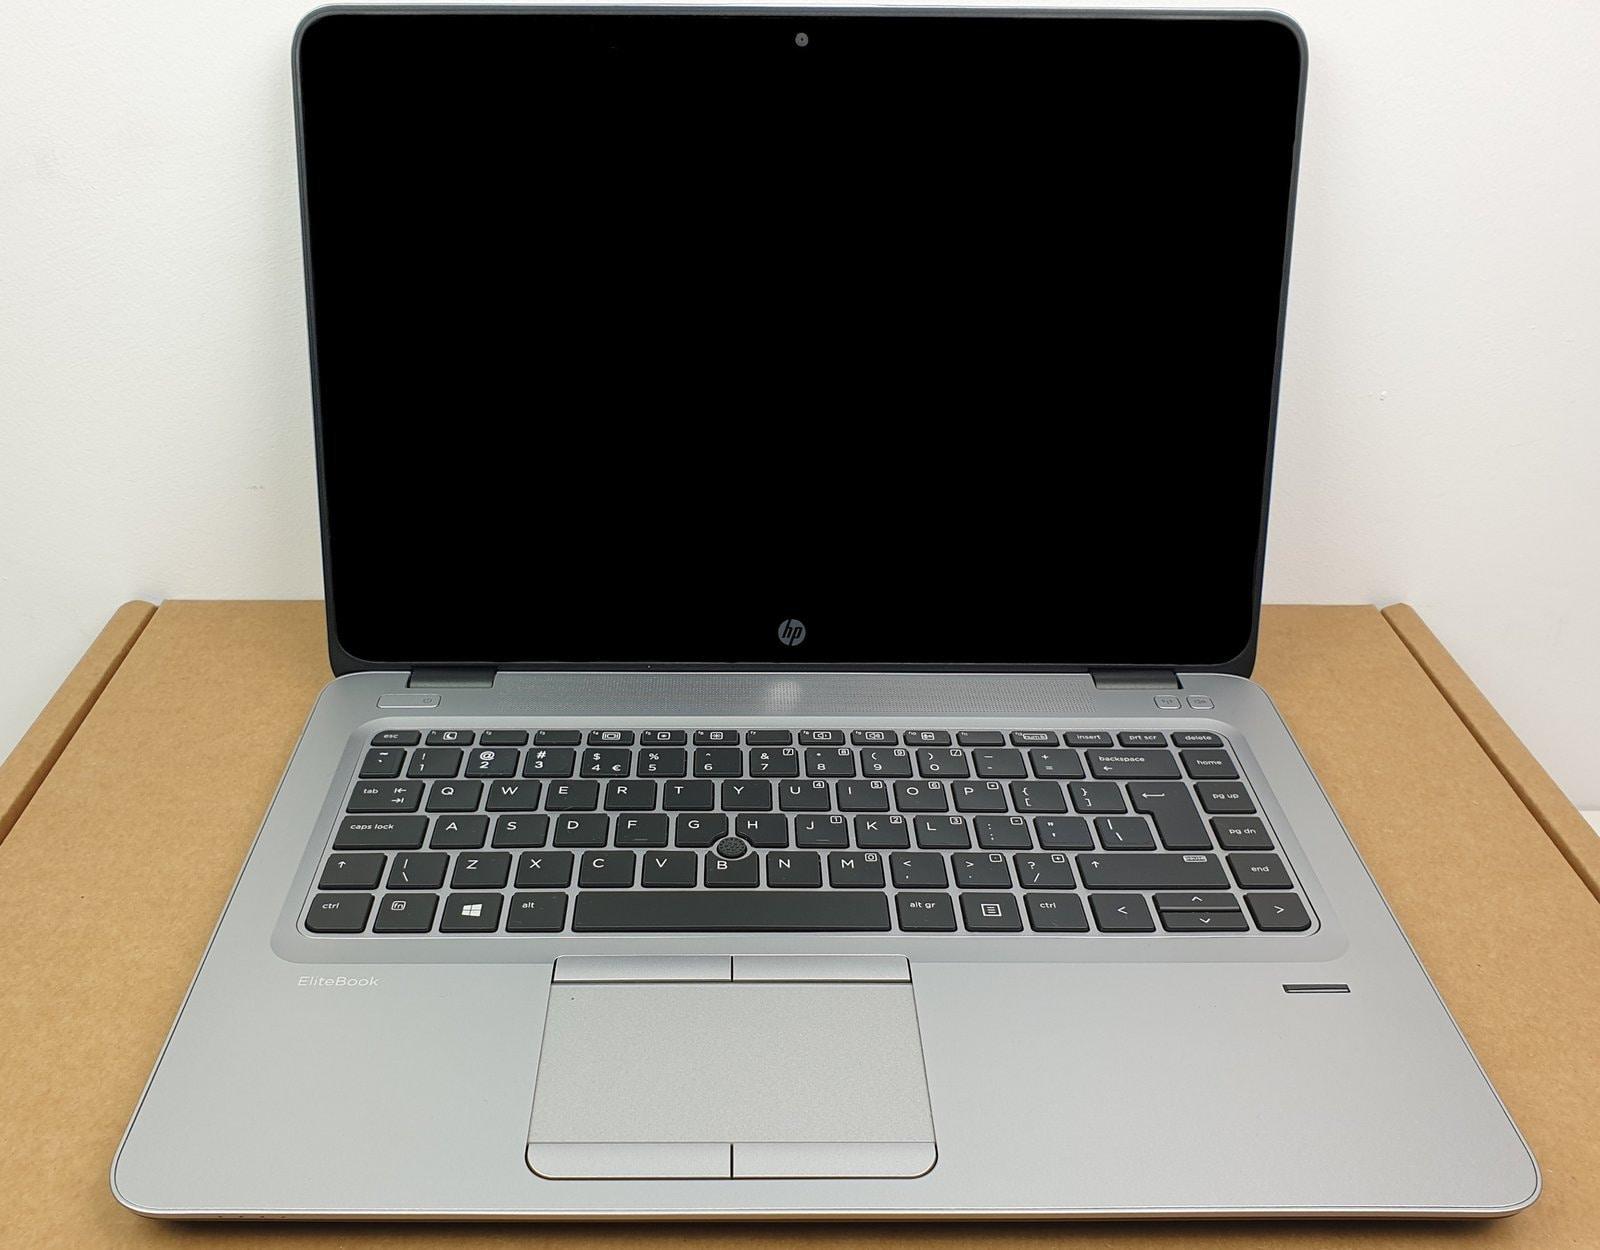 Laptop HP EliteBook 840 G3 i7 - 6 generacji / 8 GB / 250 GB HDD / 14 FullHD DOTYK / Klasa A- - 2